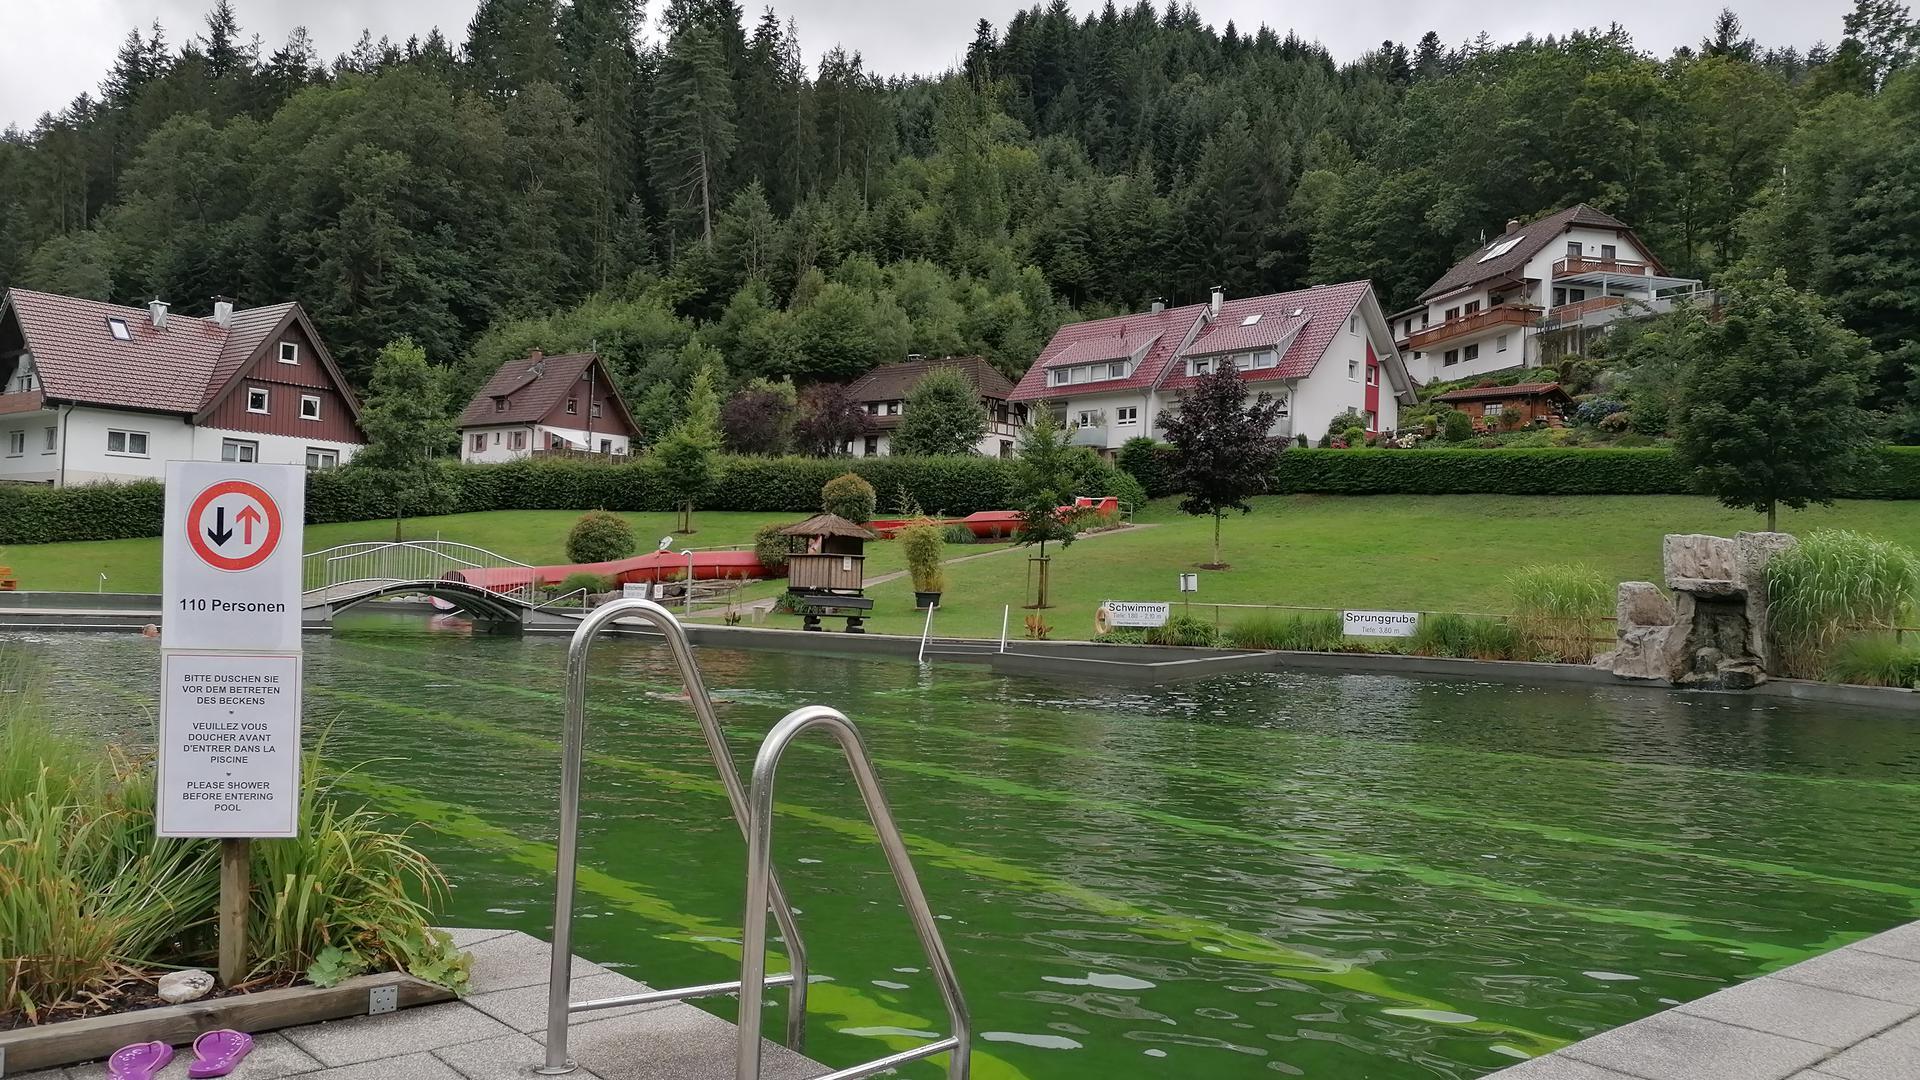 Schwimmerbecken im Naturerlebnisbad in Ottenhöfen